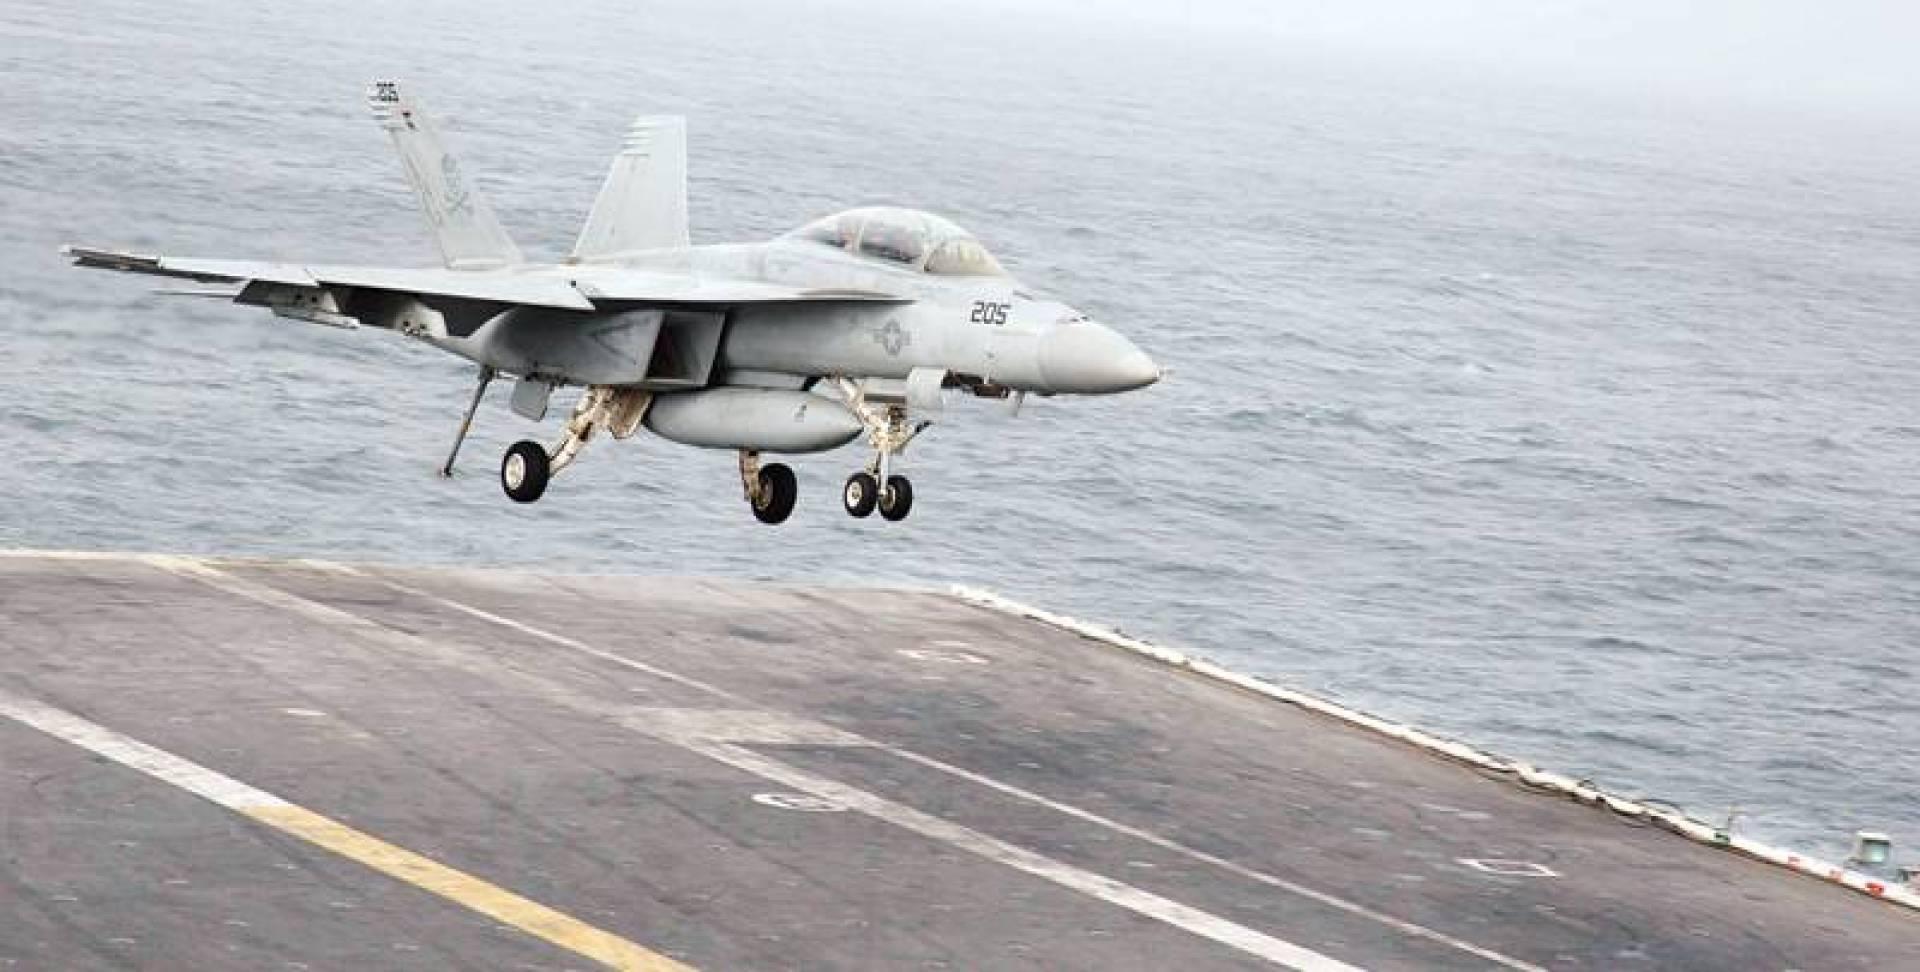 3 أسباب لتصعيد إيران العسكري في الخليج